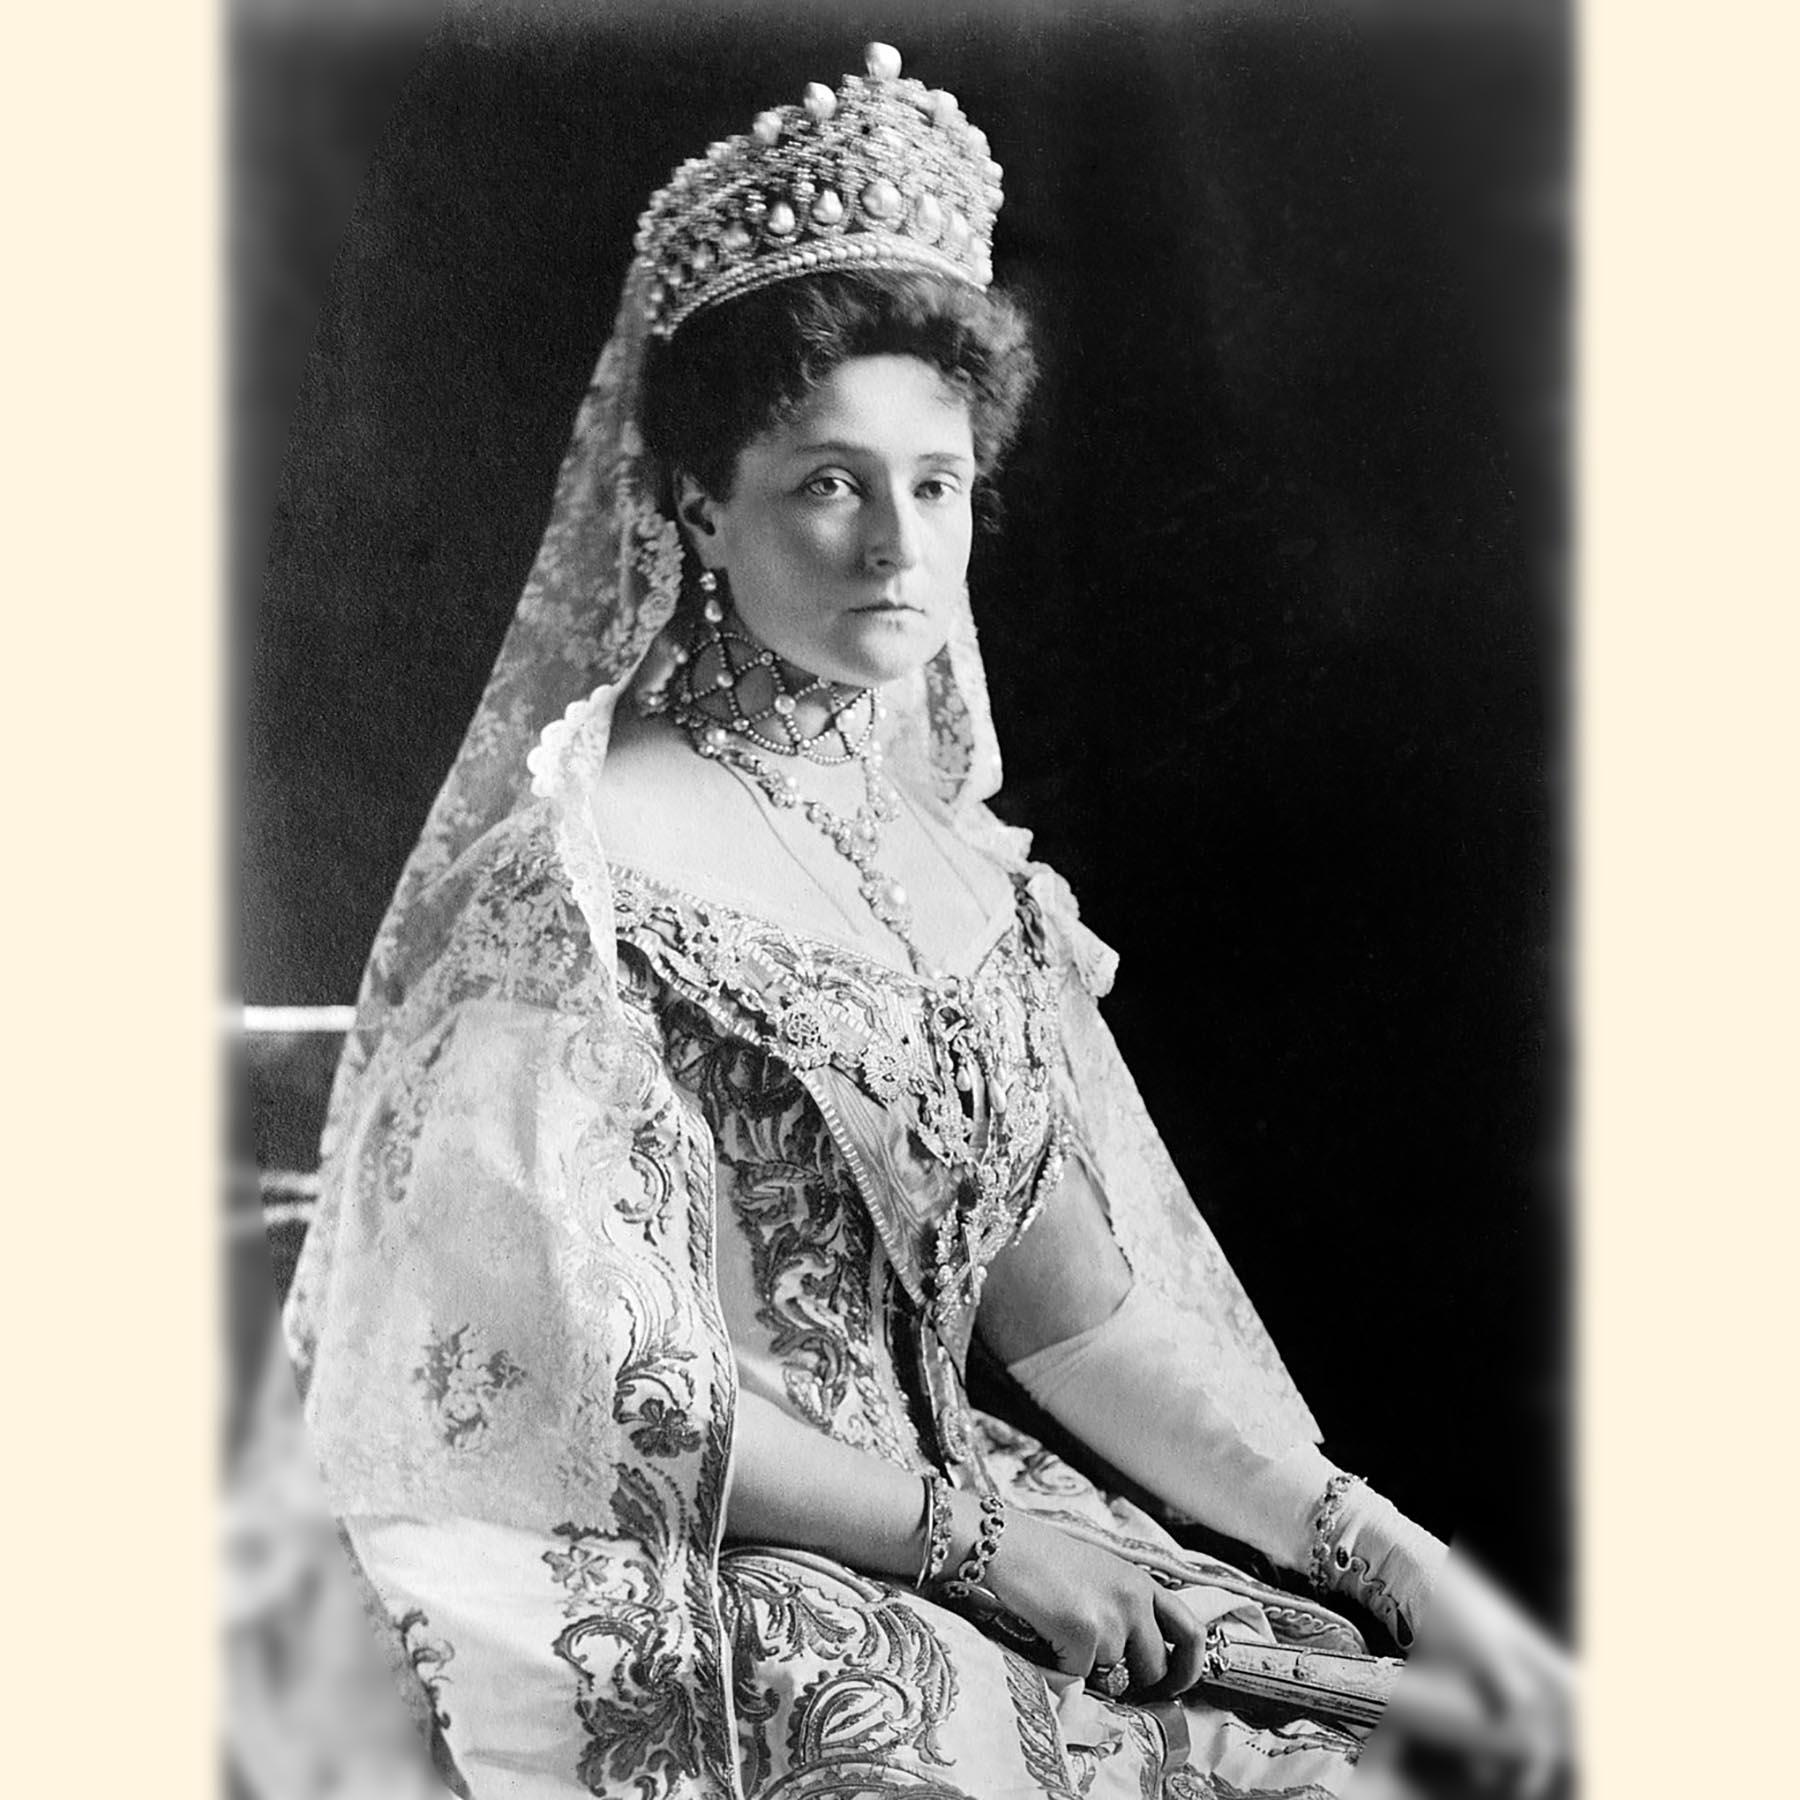 アレキサンドラ皇后帝政ロシア時代ロマノフ王朝